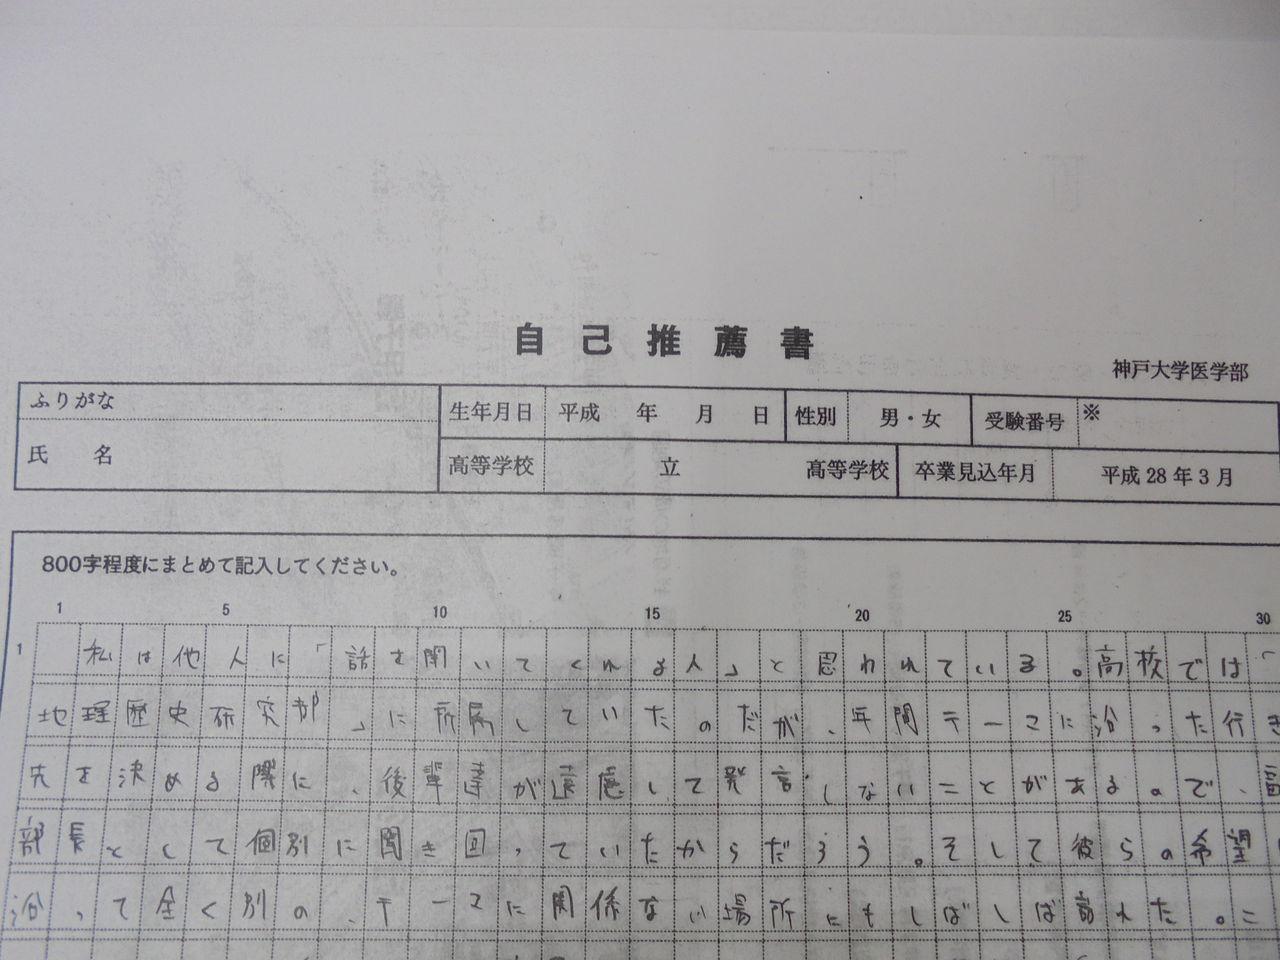 神戸 学院 大学 推薦 書